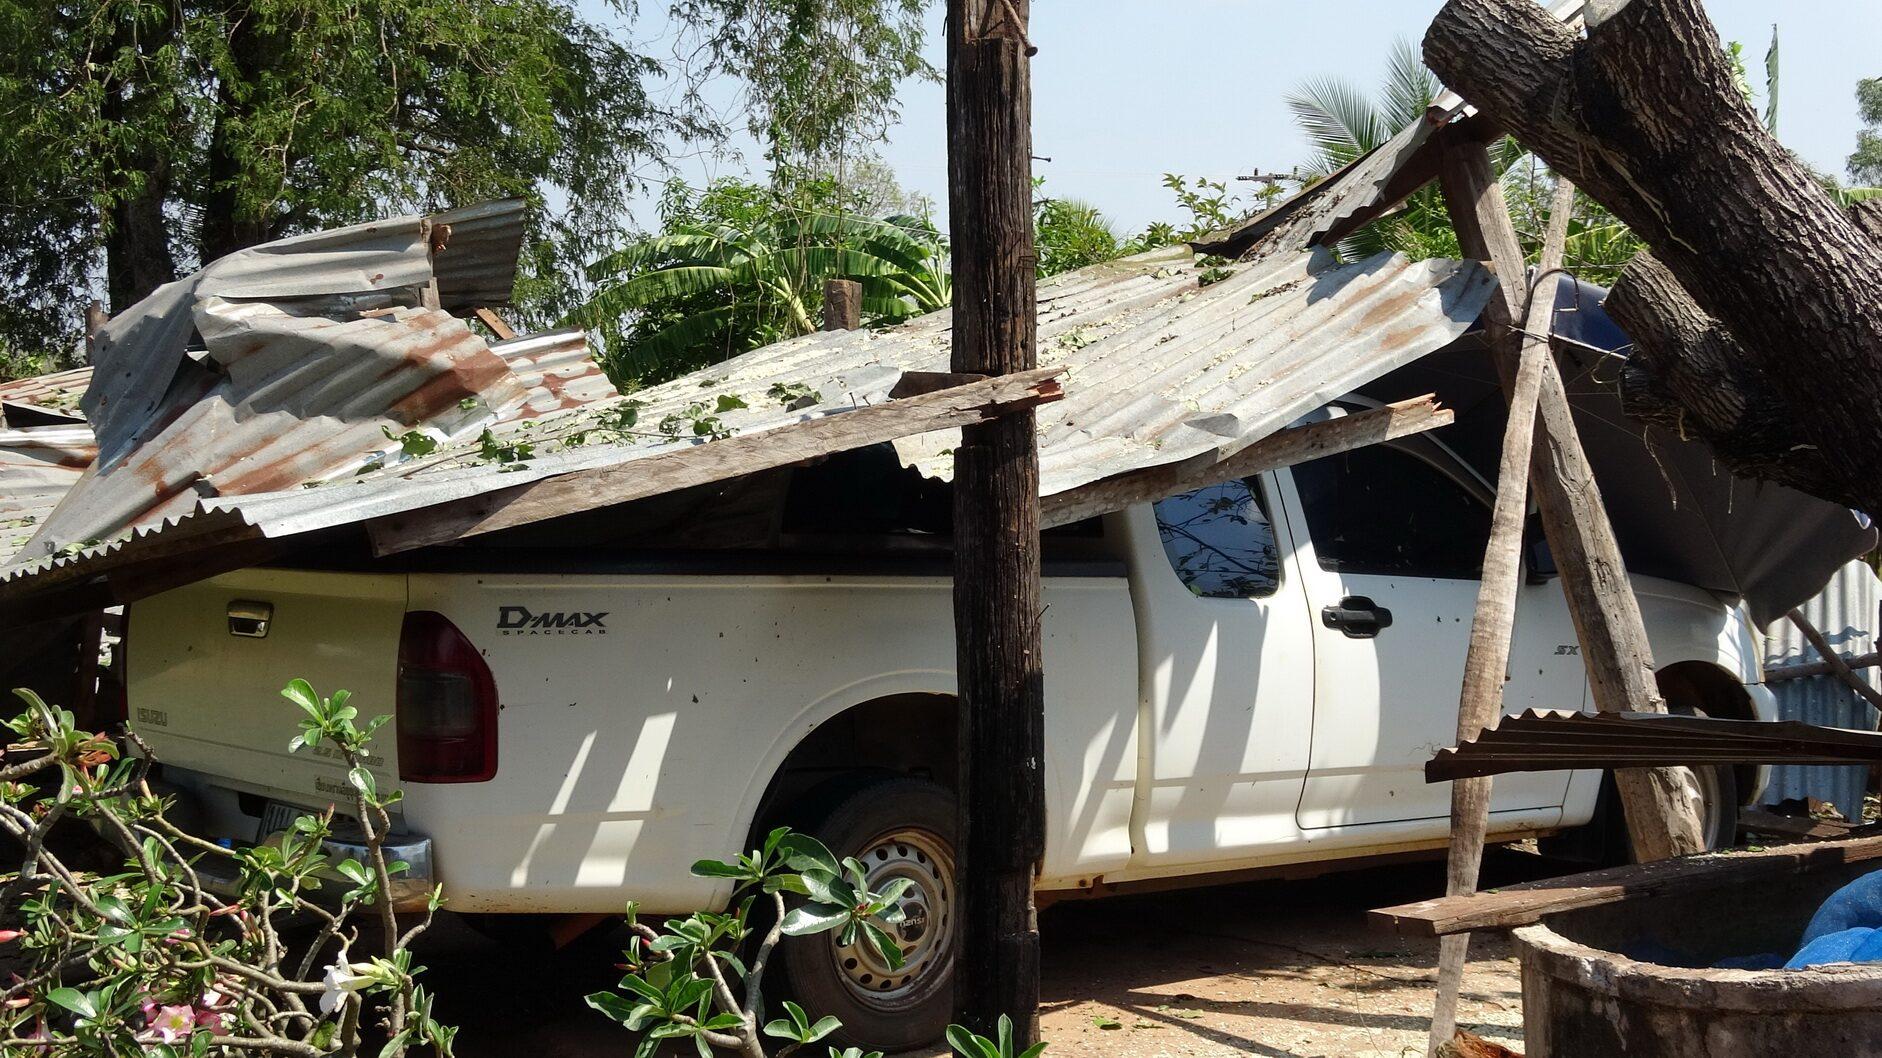 พายุฤดูร้อนพัดหนองคาย ไม้หักโค่นบ้านพังหลังคาเปิดกว่า 200 หลัง